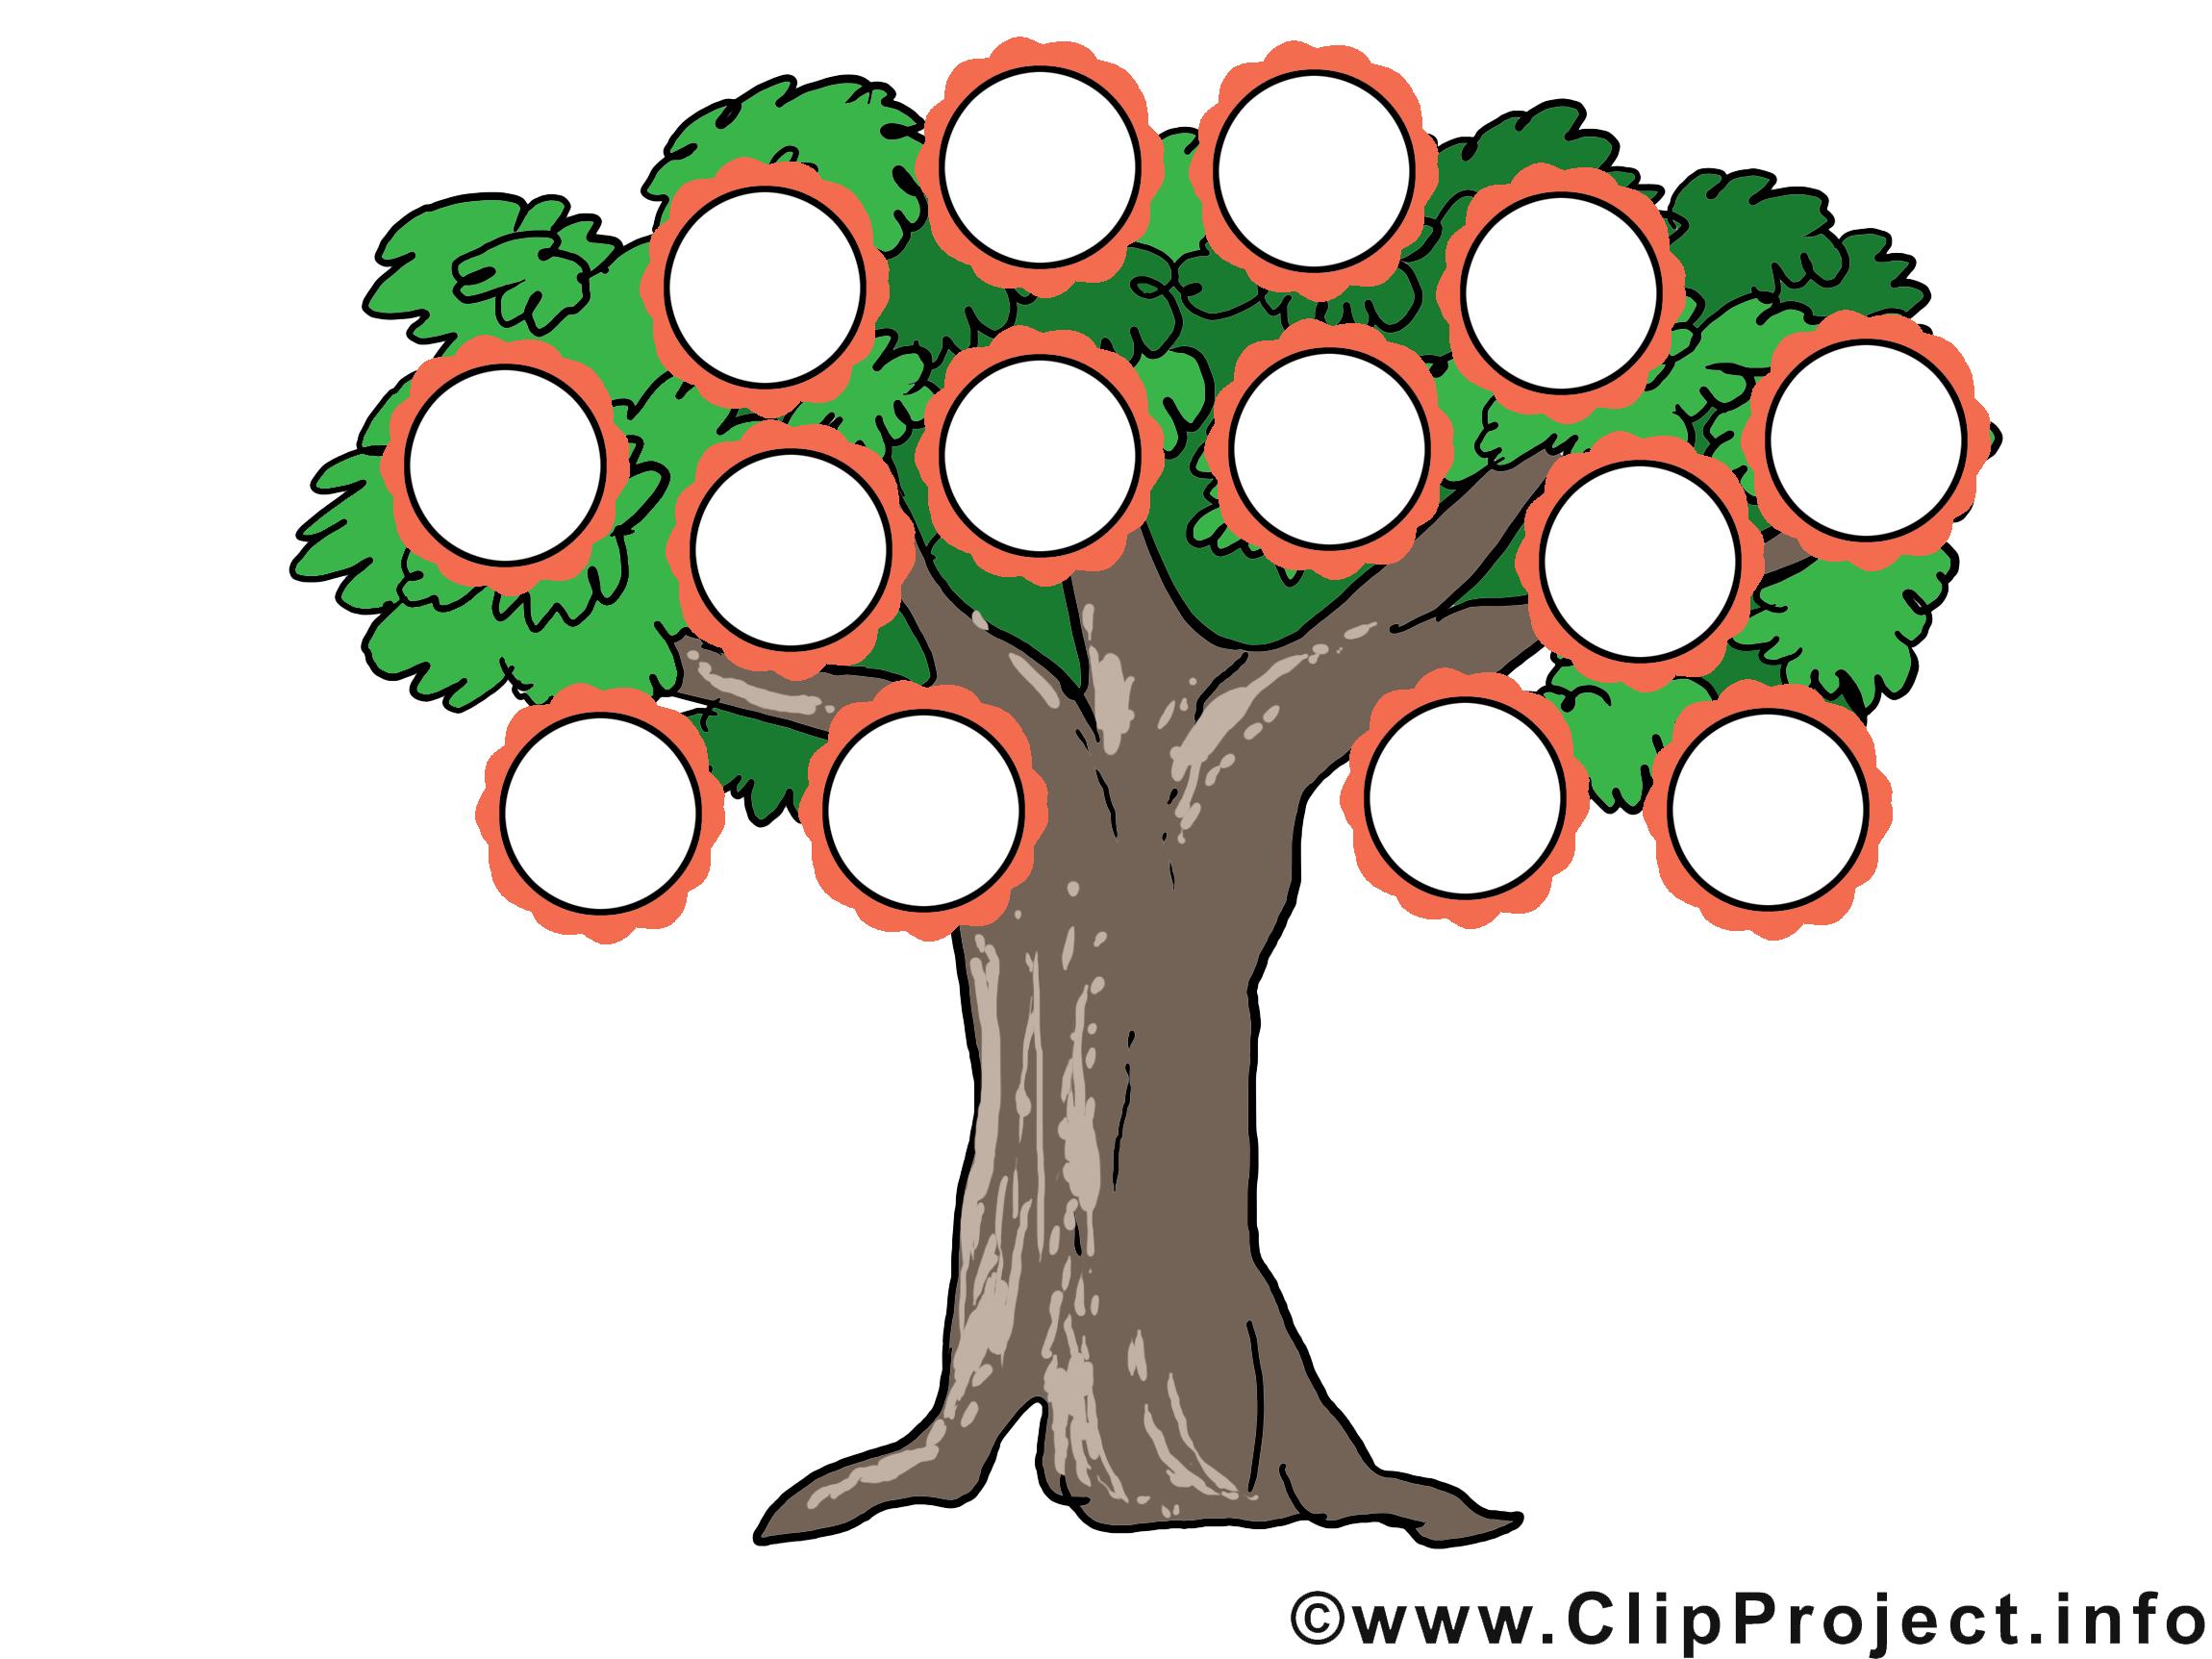 Familienstammbaum kostenlos zum ausdrucken – Gesunde Ernährung